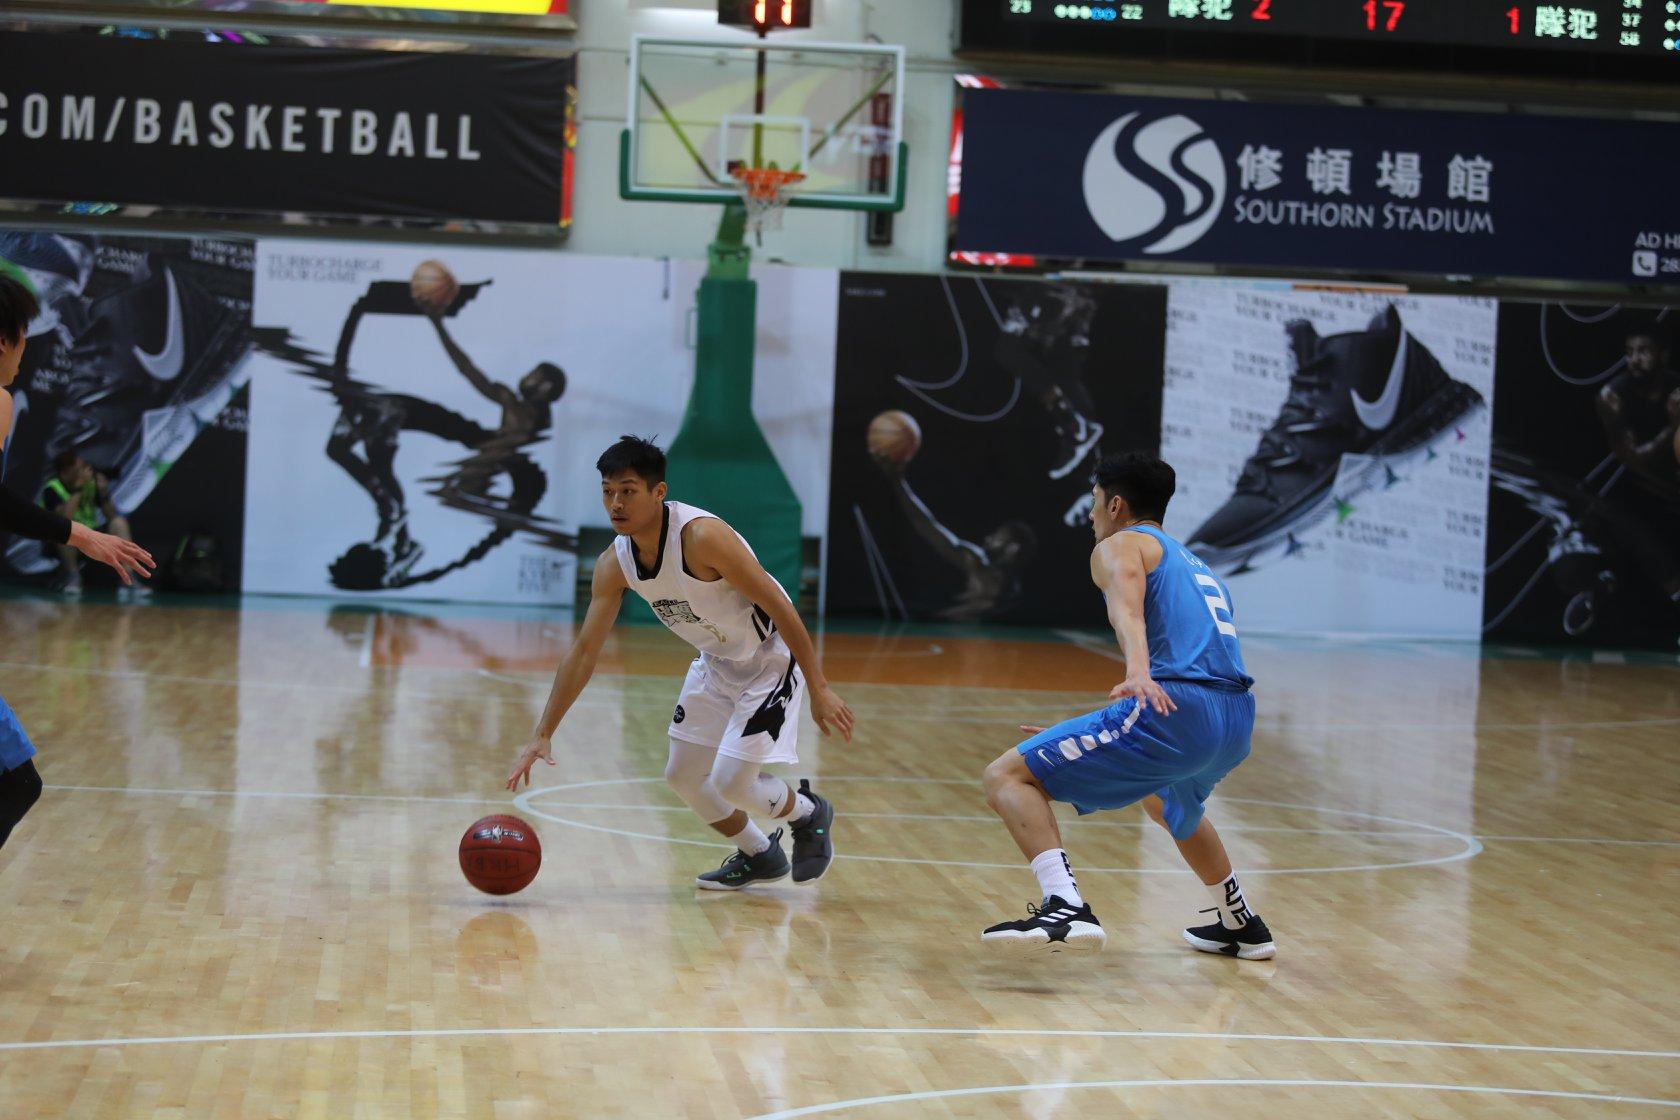 重整旗鼓-專心備戰-017-Eagle-Basketball-崇德飛鷹